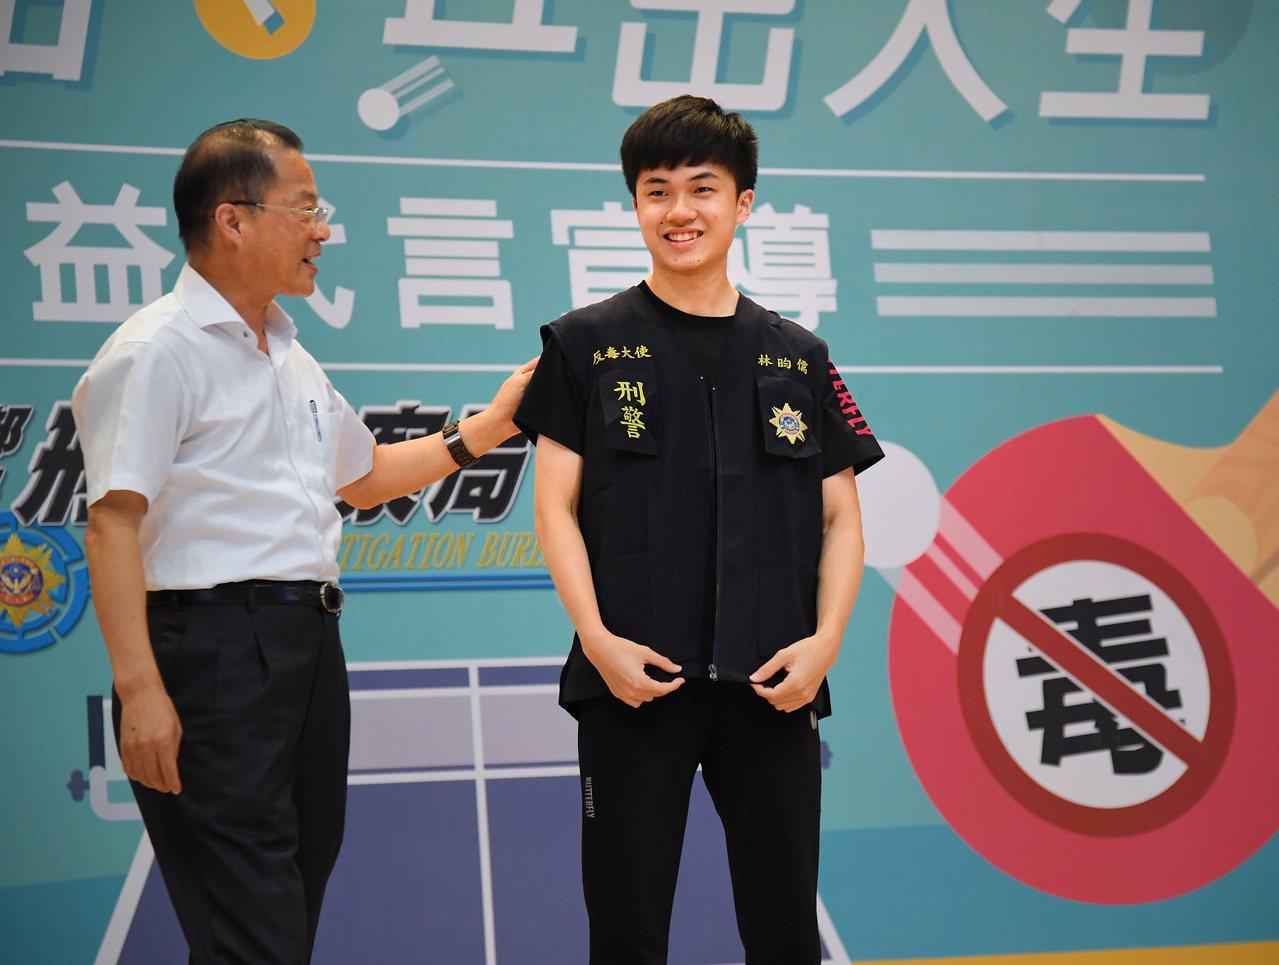 桌球小將林昀儒(右)代言反毒。 中央社